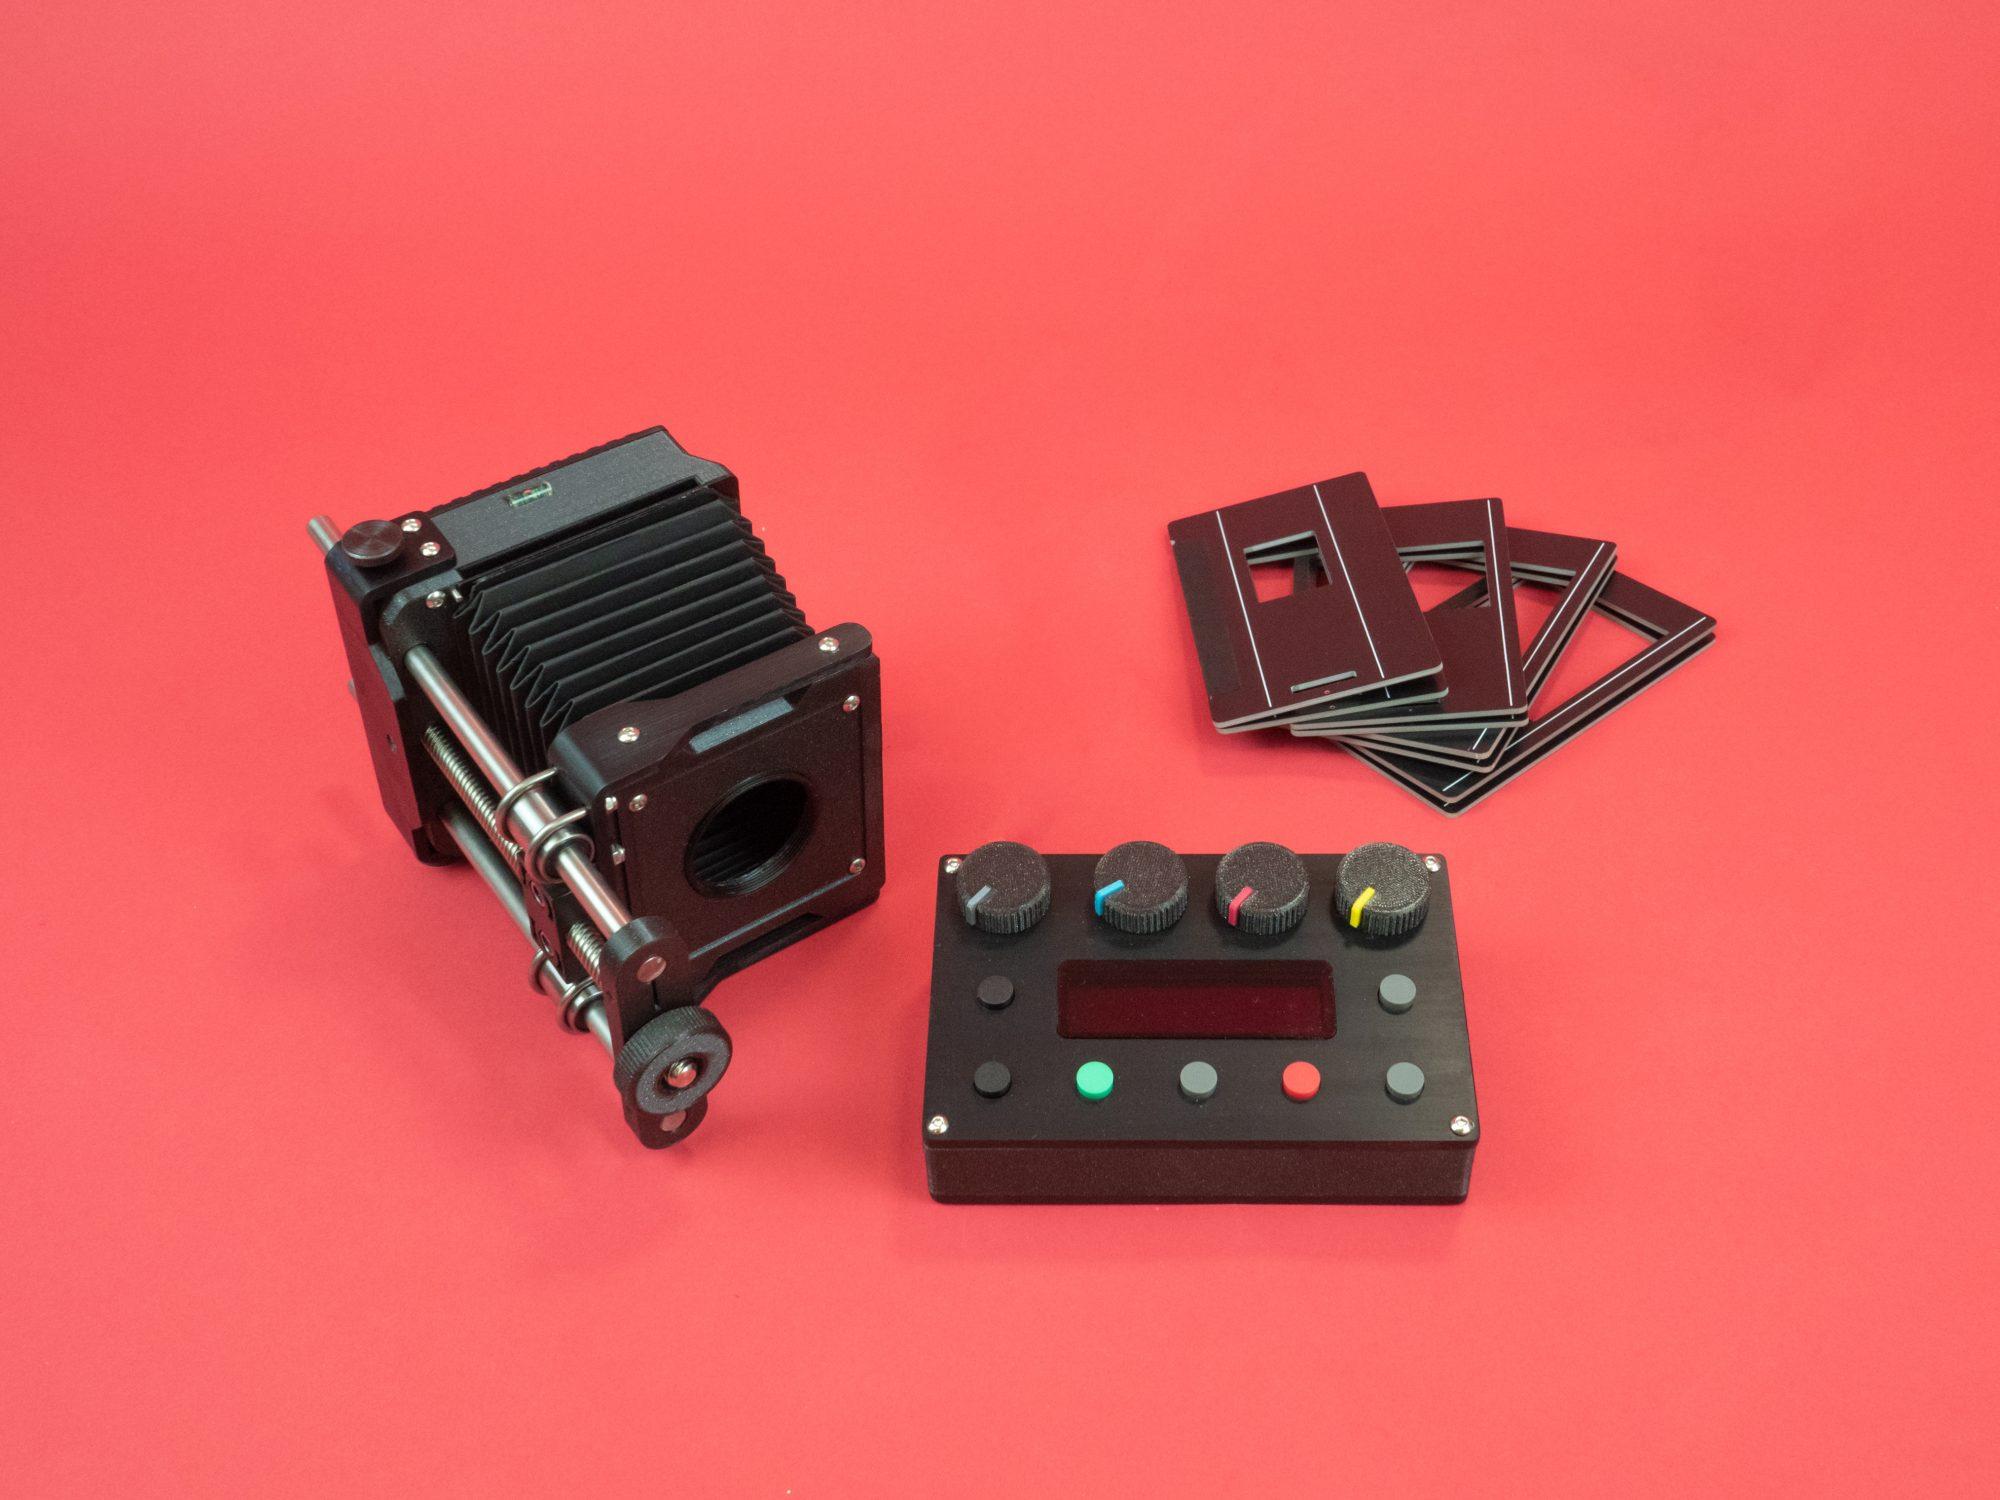 Intrepid Camera enlarger (Pic: Intrepid Camera)